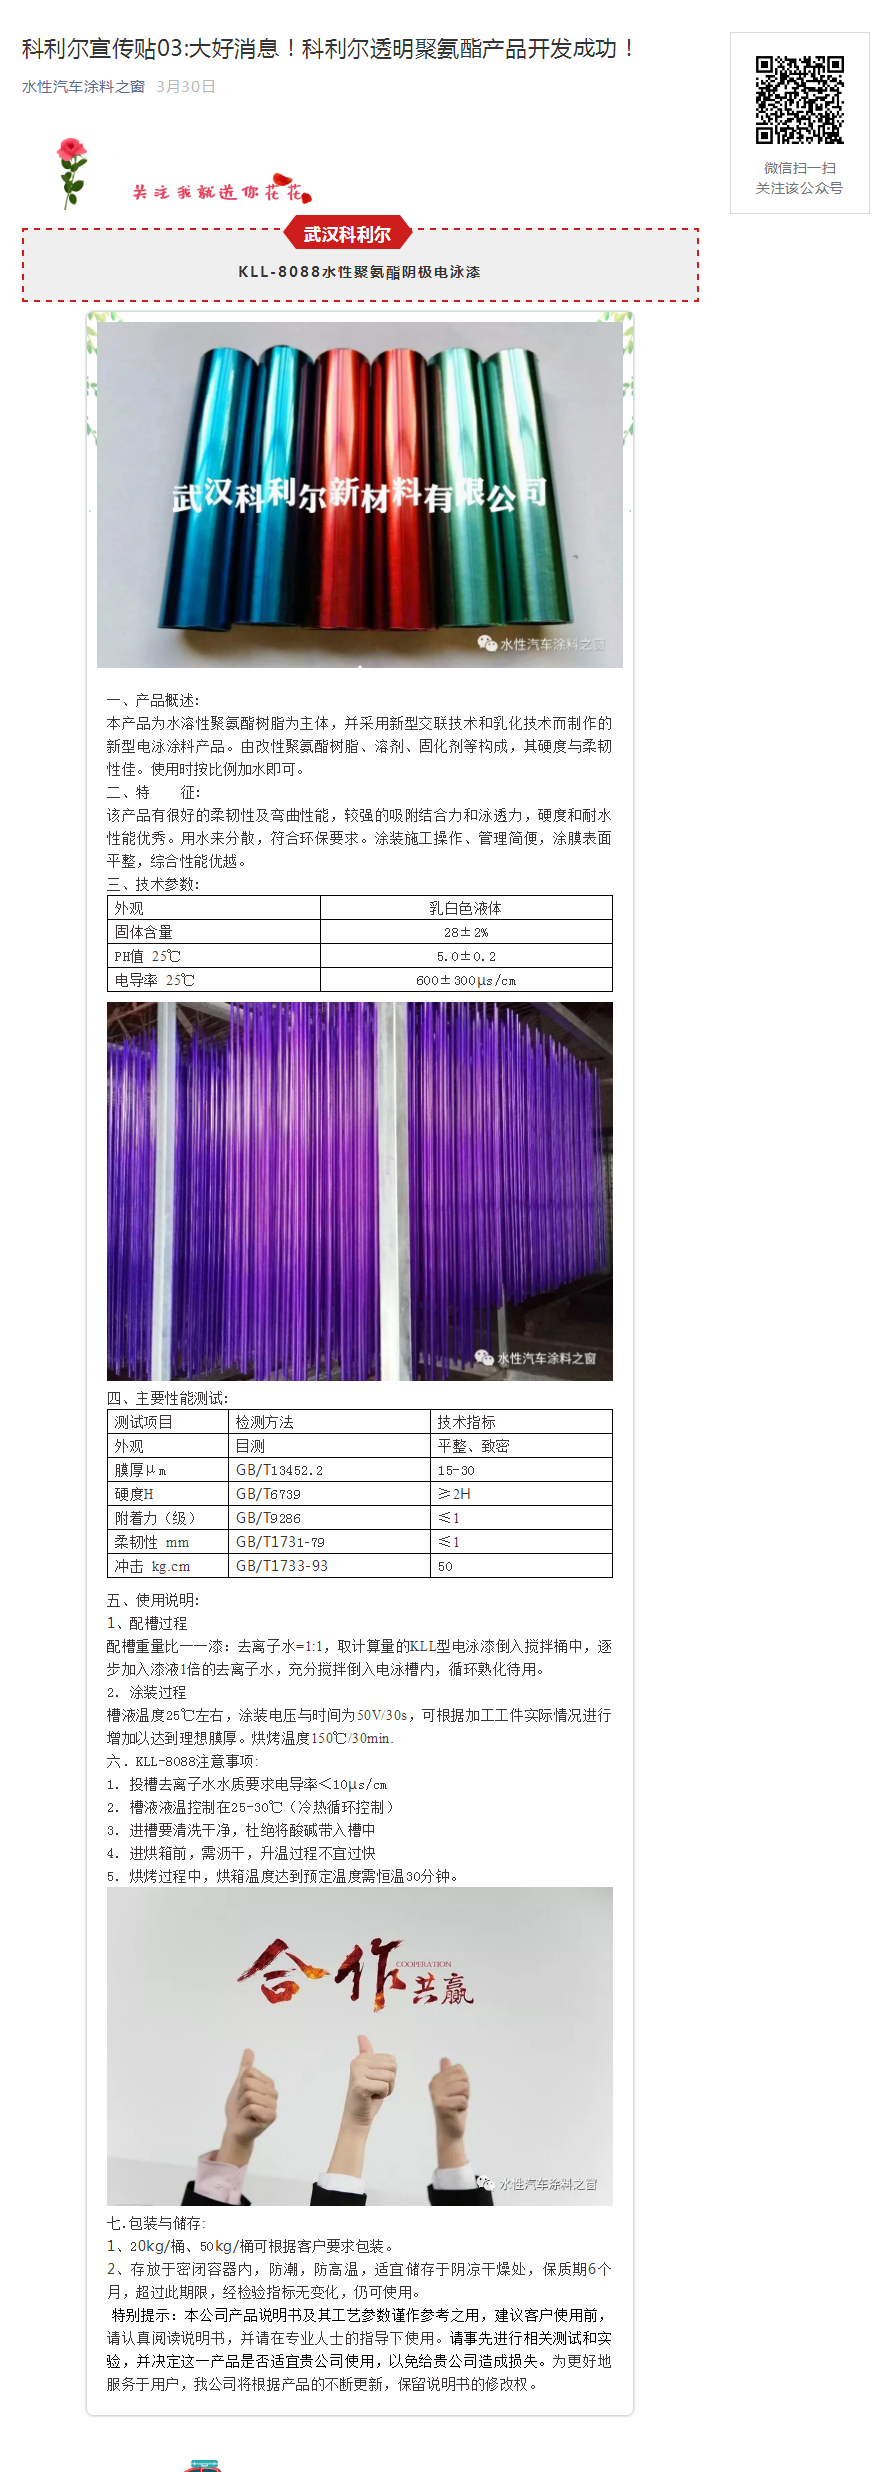 科利尔宣传贴03:大好消息!科利尔透明聚氨酯产品开发成功!